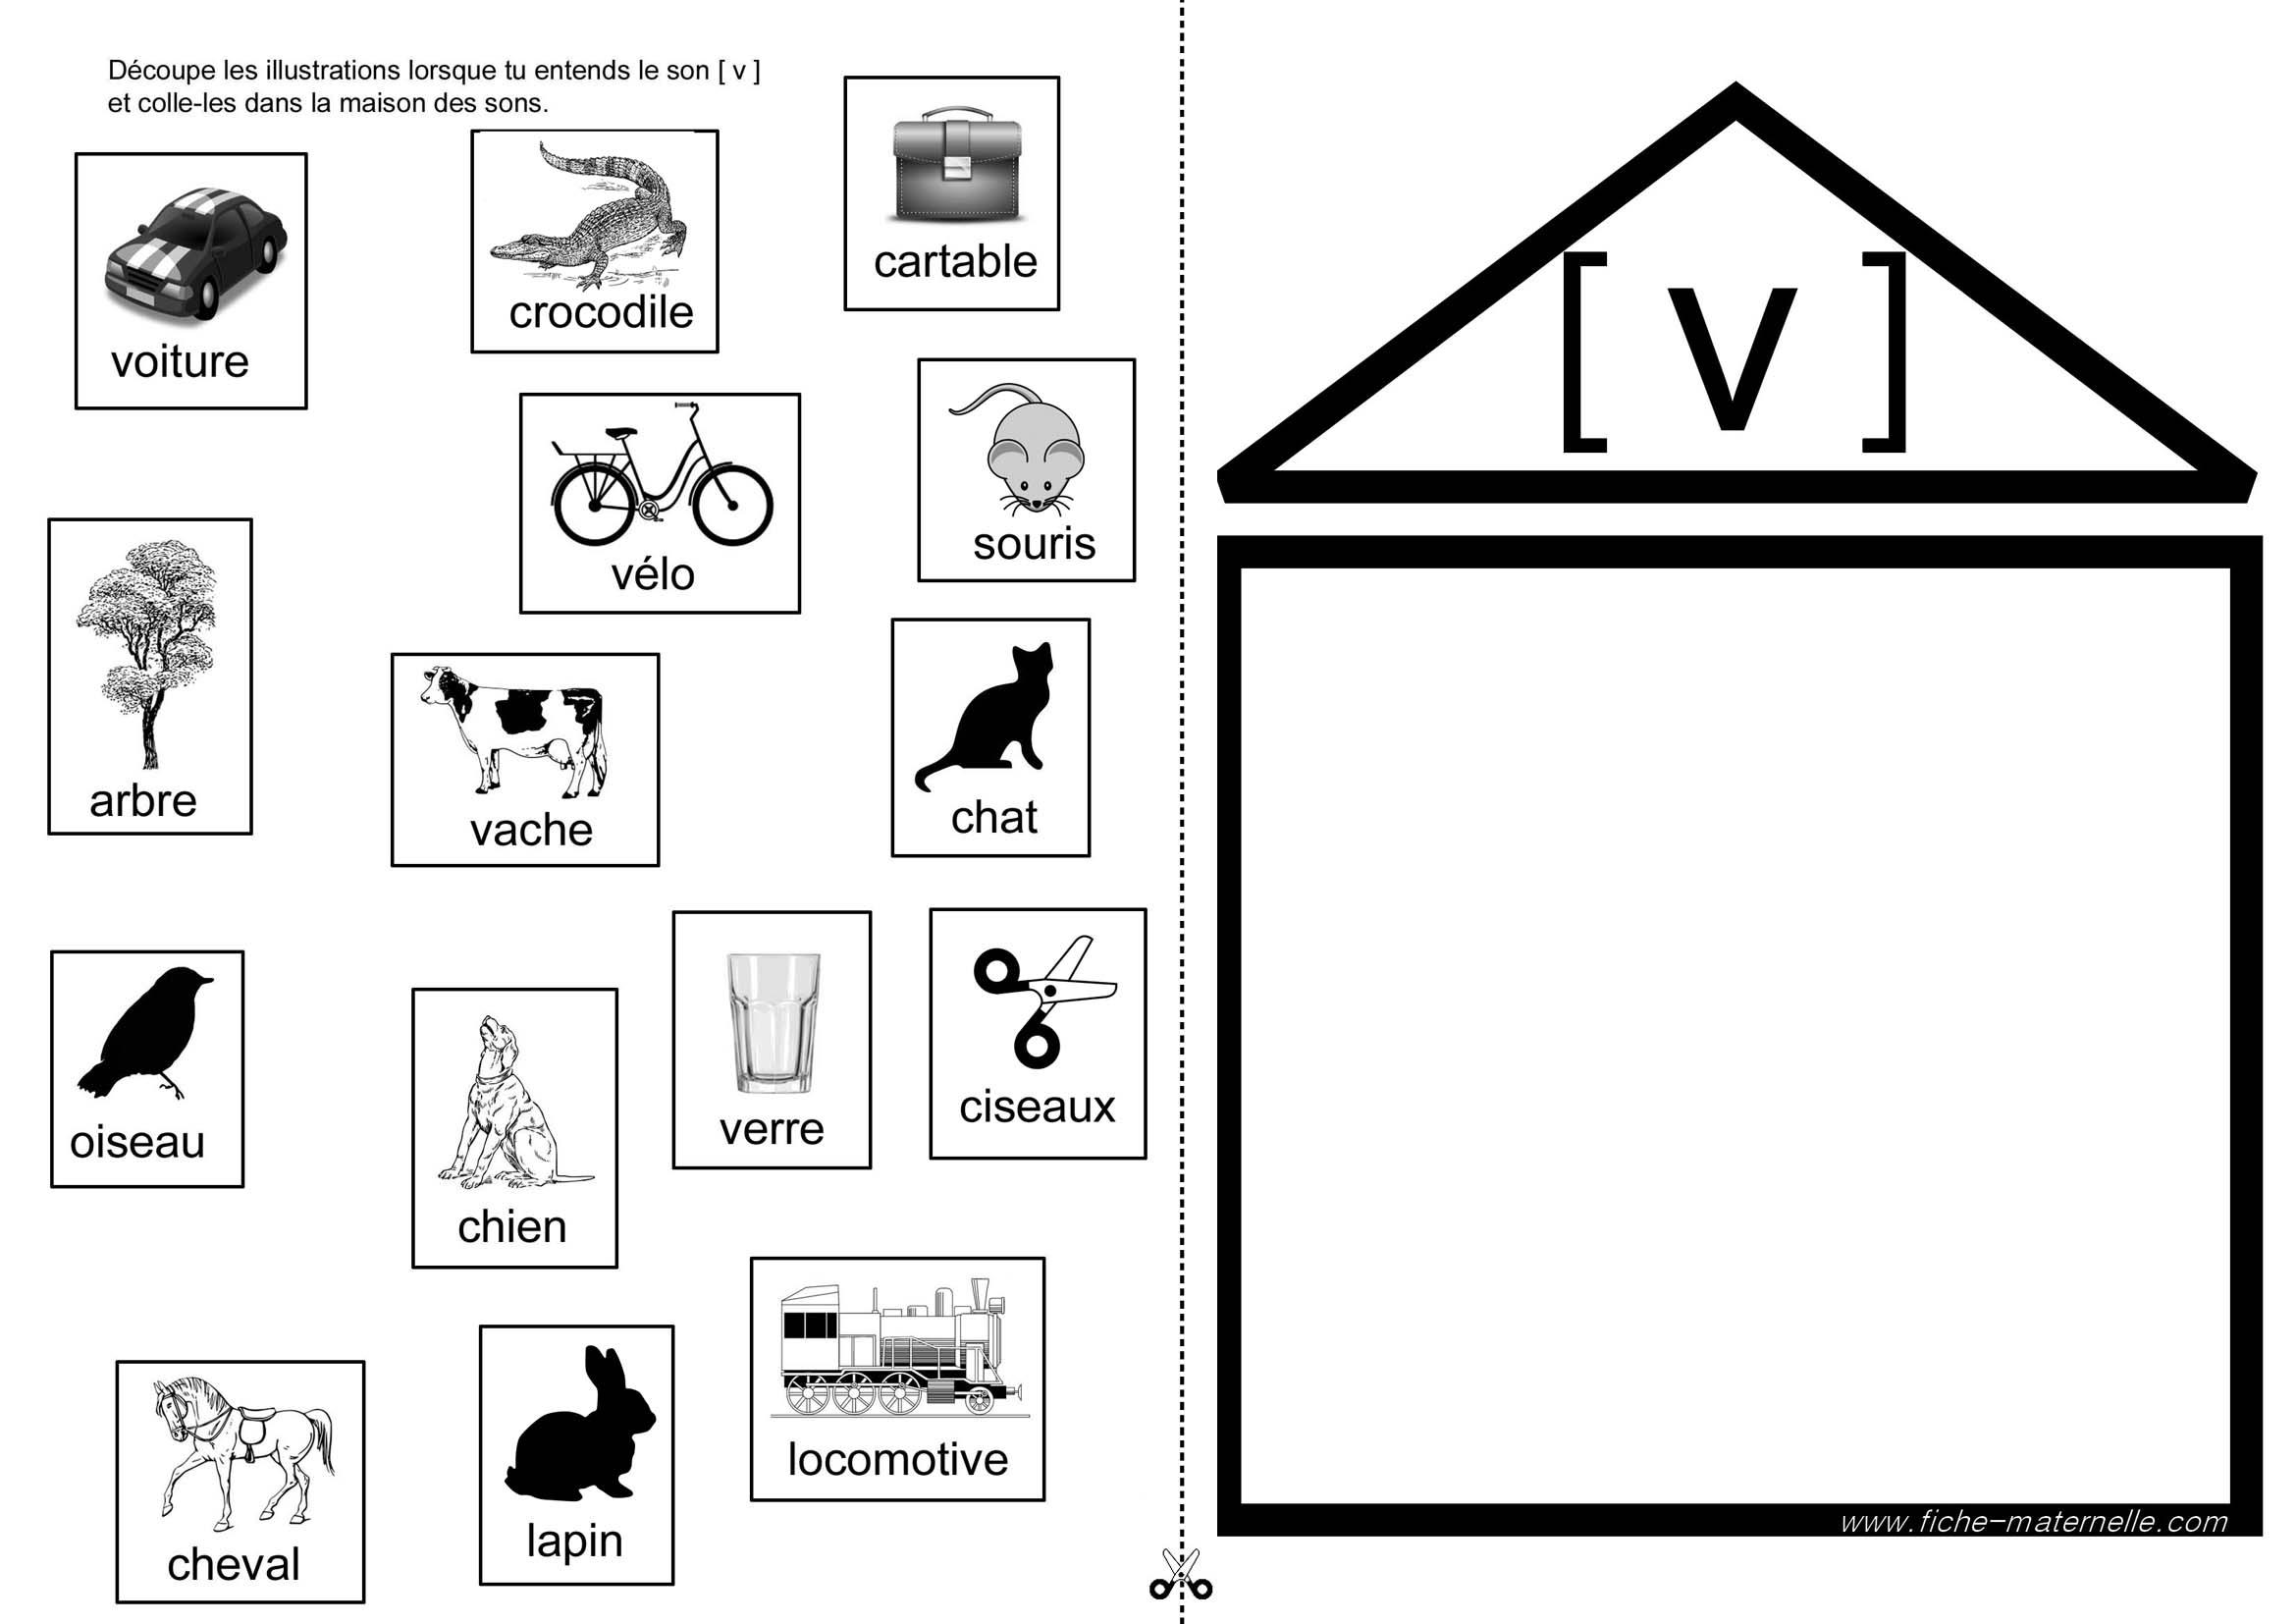 Assez Apprendre à lire en maternelle et CP : exercices autour du son [v] LZ93